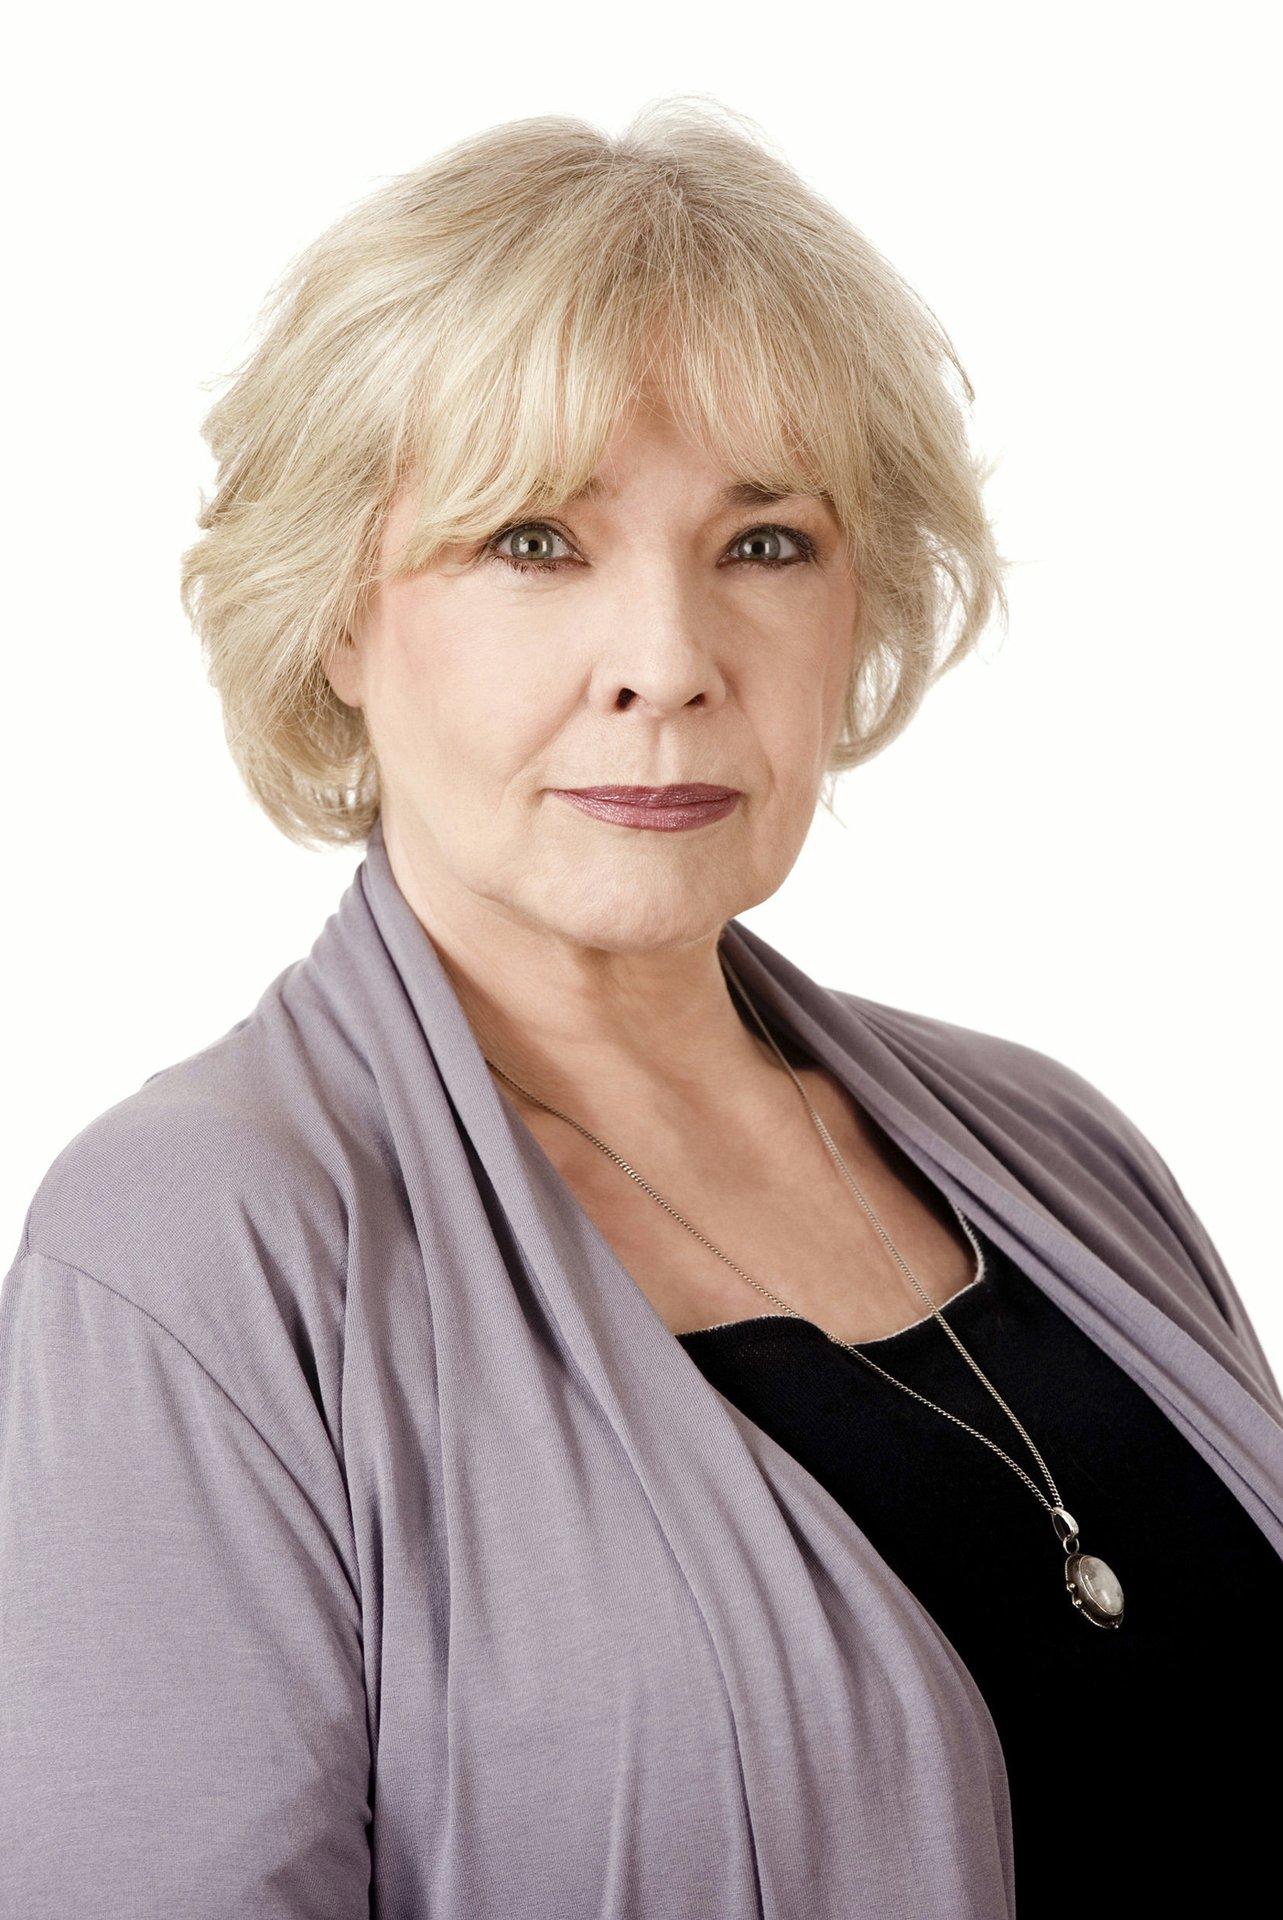 Ann-Kathrin Bürger